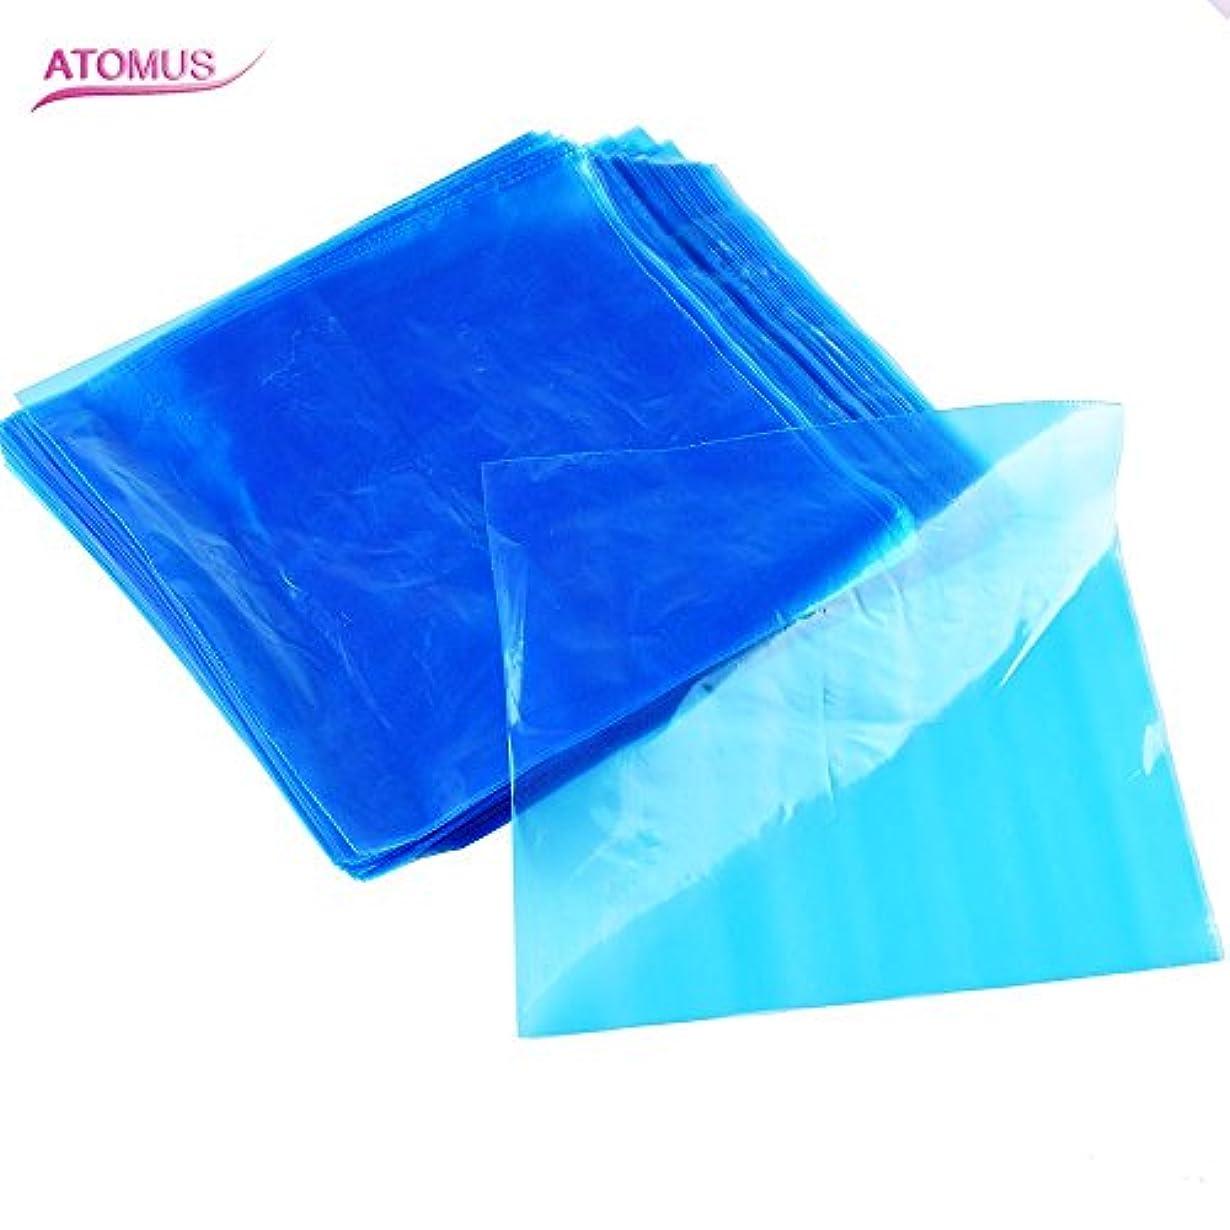 倉庫反対したバストATOMUS 200個 タトゥーマシンカバーバッグクリップ 使い捨て 青 ブプラスチック タトゥーマシンペン スリーブ 2種類の選択可能 (タイプ1)